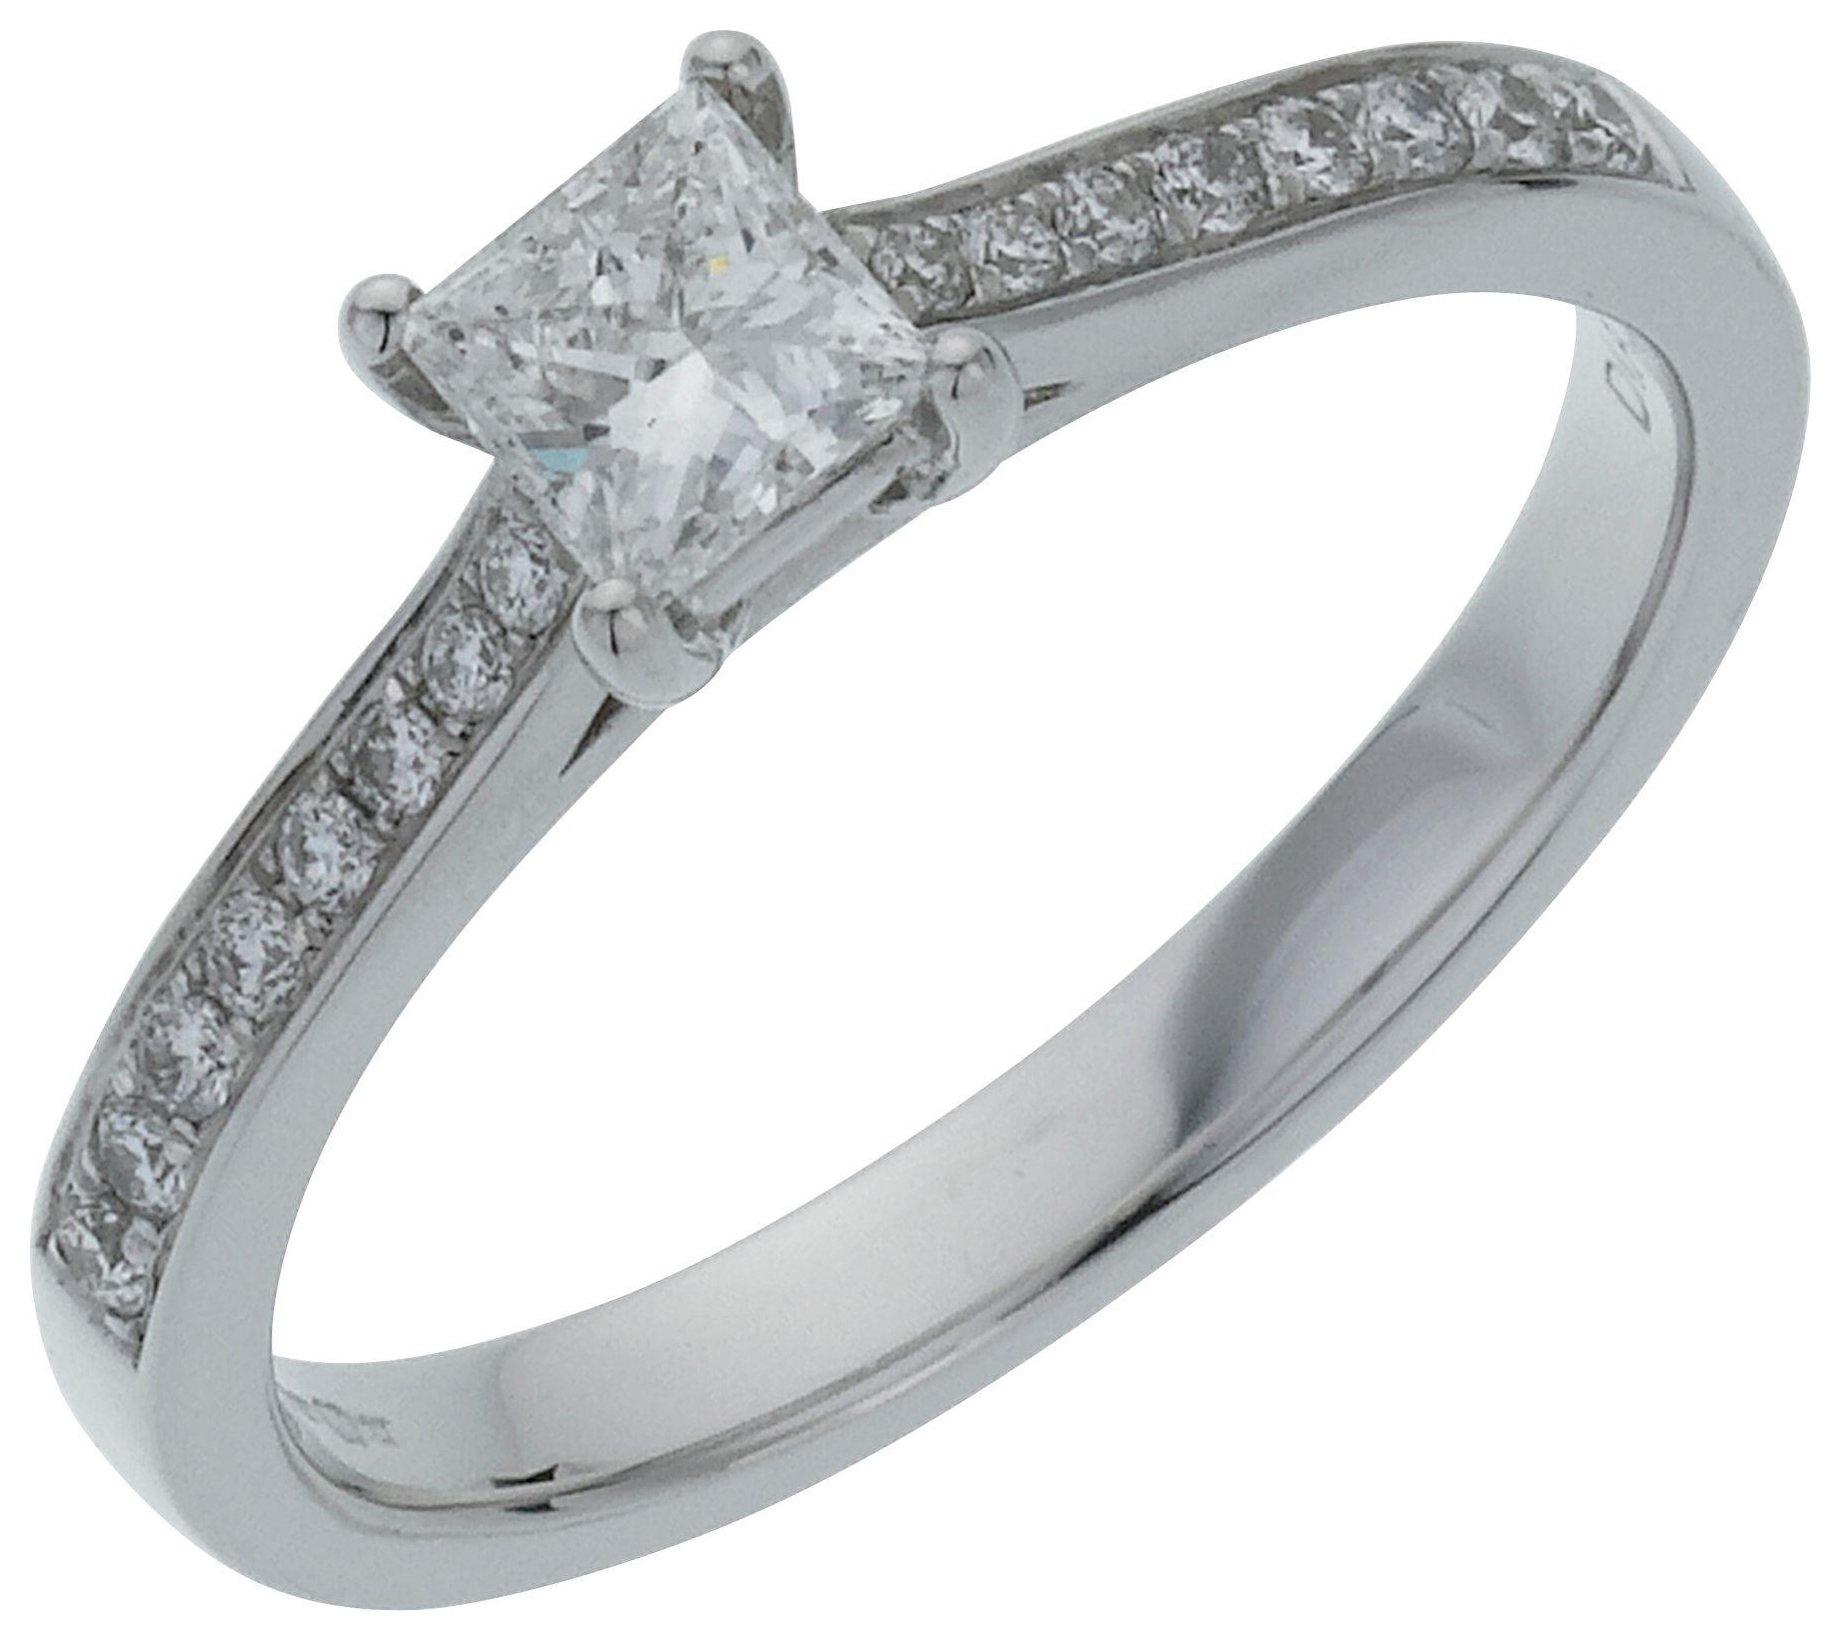 18 Carat White Gold 05 Carat Diamond - Princess Cut Shoulder Ring- S